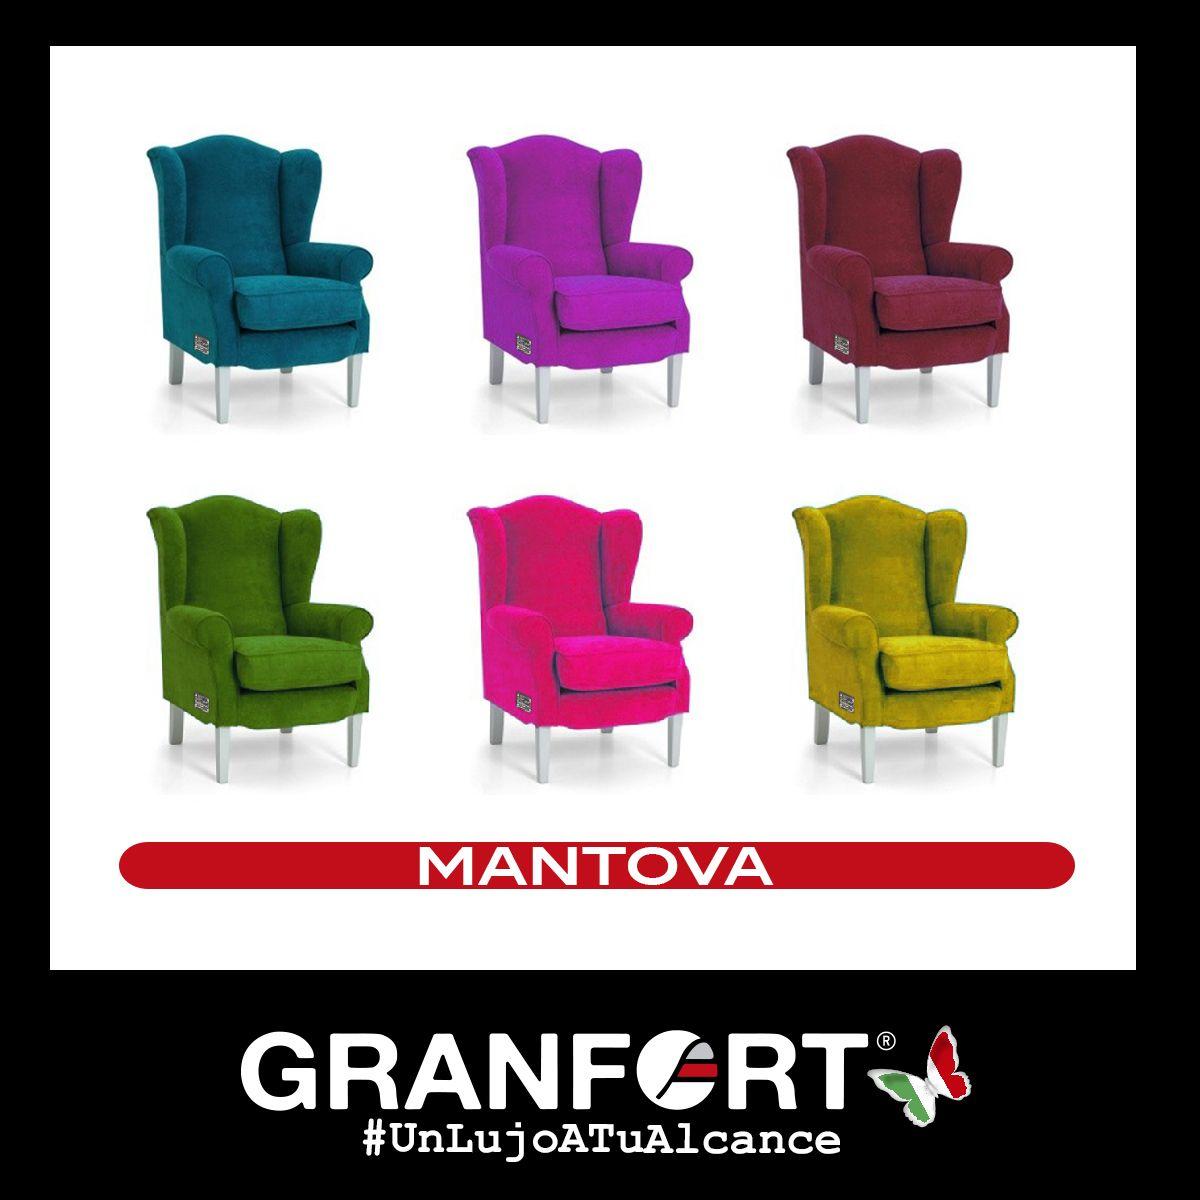 Notas refrescantes  de la mano de nuestra Butaca Mantova un clásico renovado de Sofás  Granfort,. Hay infinidad de tapicerías y colores a elegir ¿Cuál es la tuya?